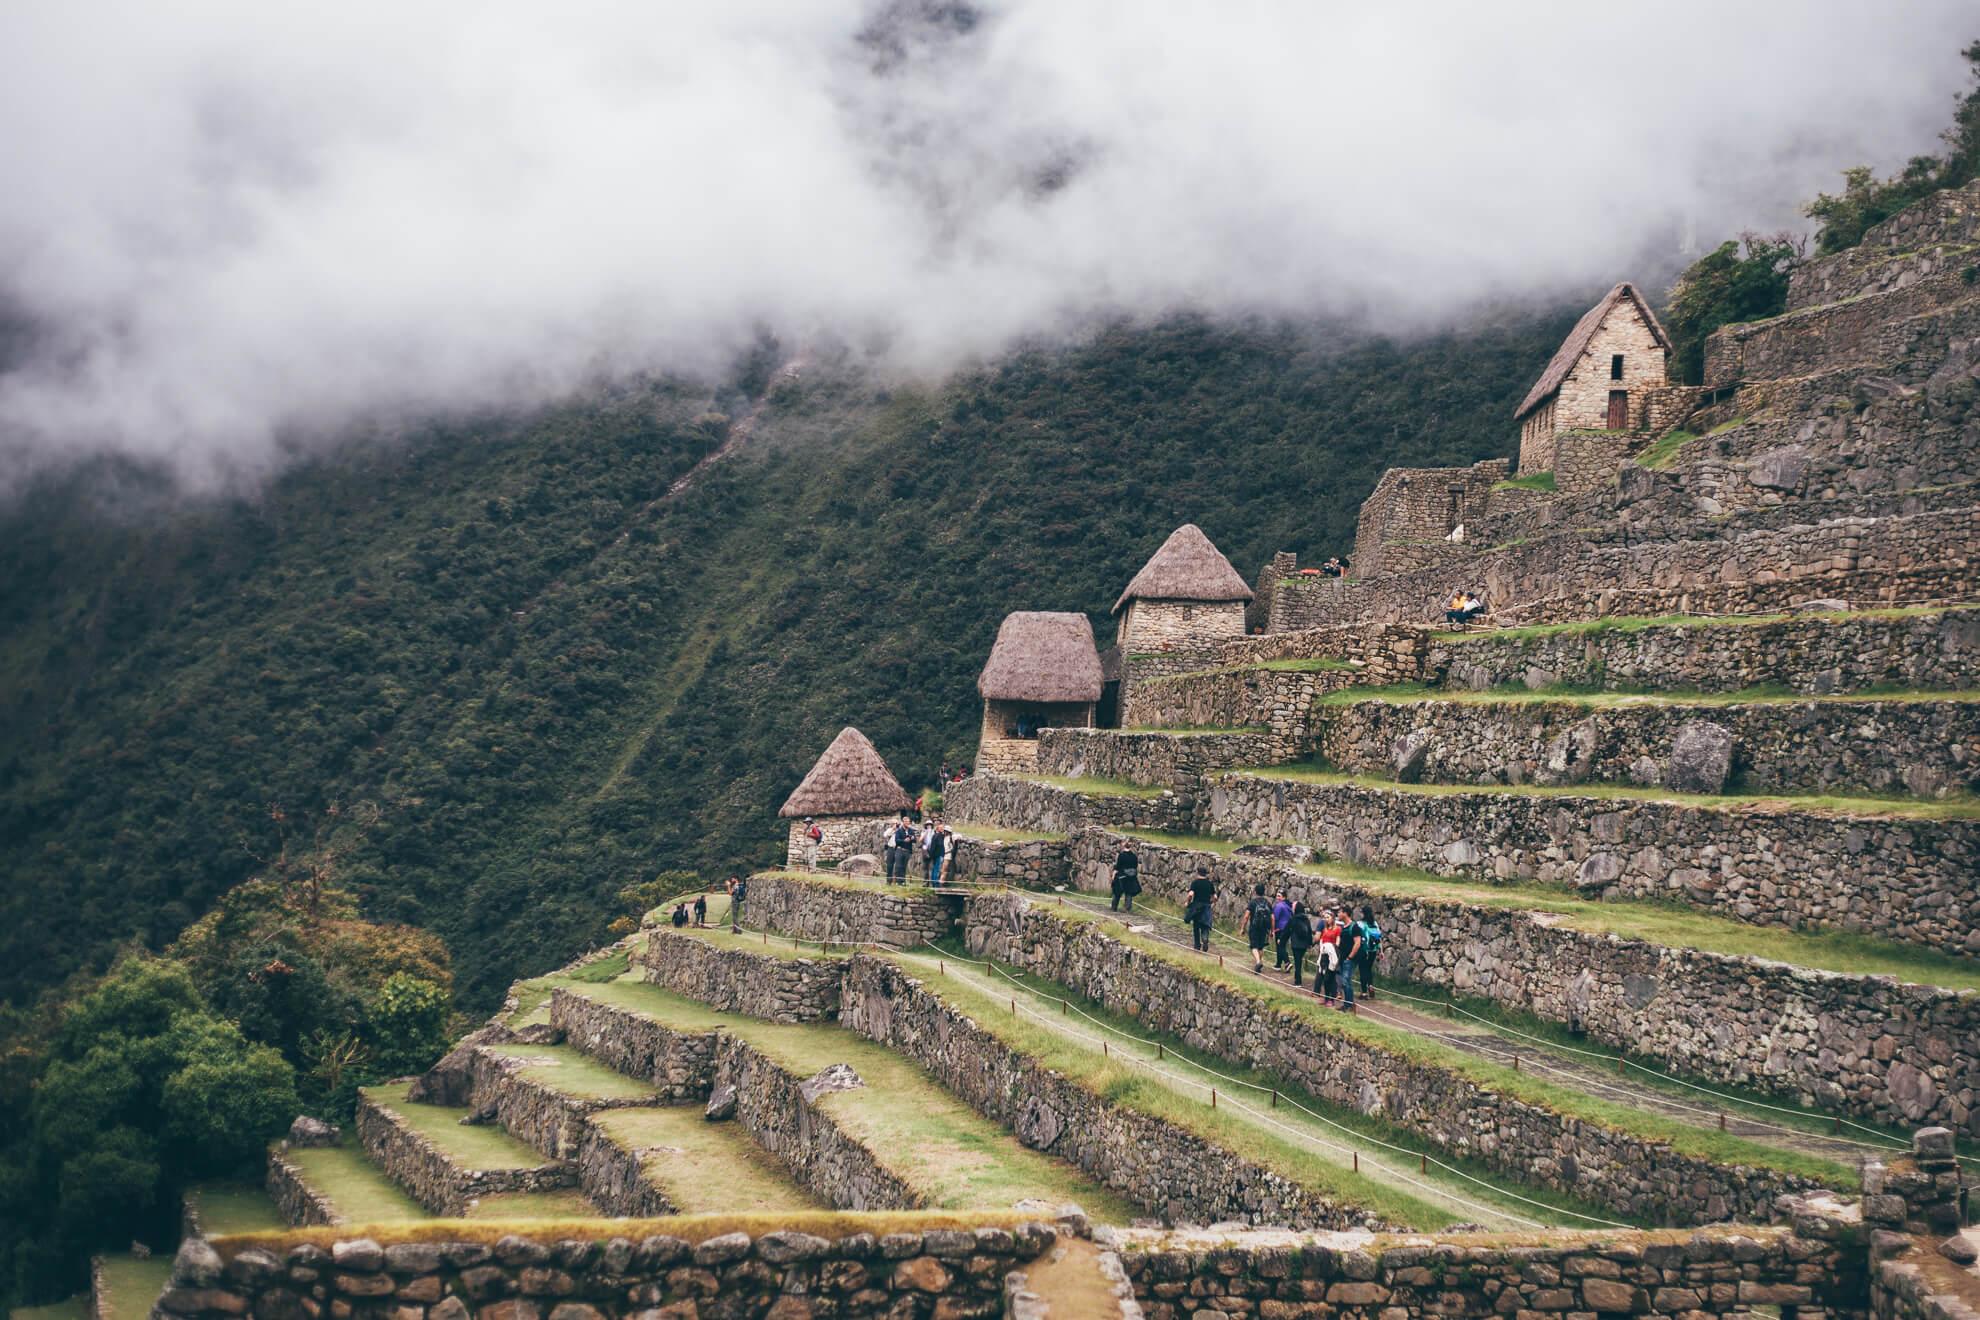 Turistas explorando Machu Picchu | 7 dicas para conhecer Machu Picchu